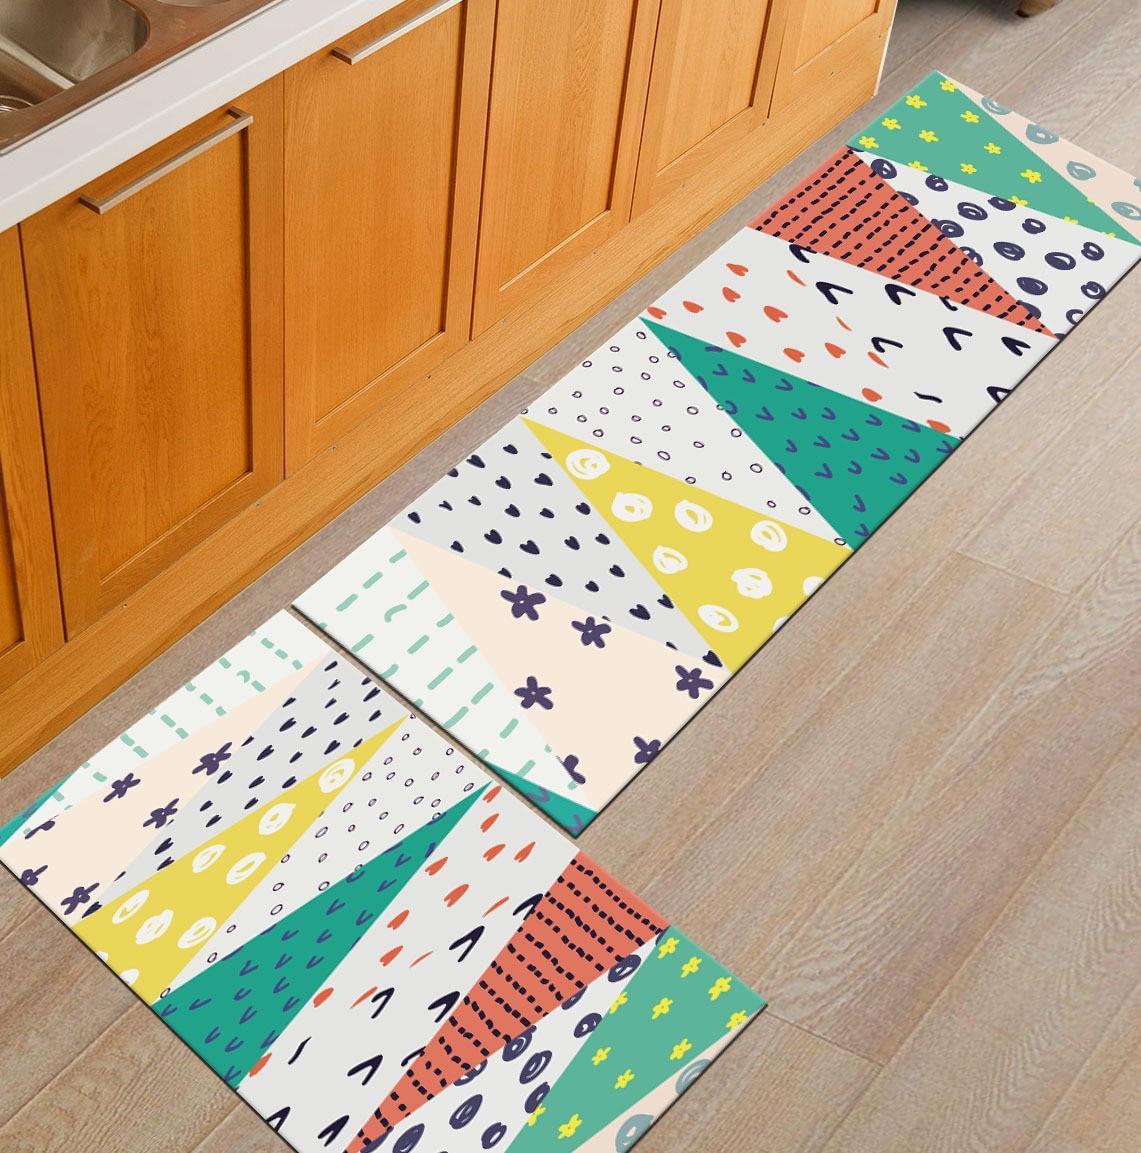 Современный геометрический Коврик для кухни, Противоскользящий коврик для ванной комнаты, домашний Коврик для прихожей/прихожей, коврик для шкафа/балкона, креативный ковер - Цвет: 4